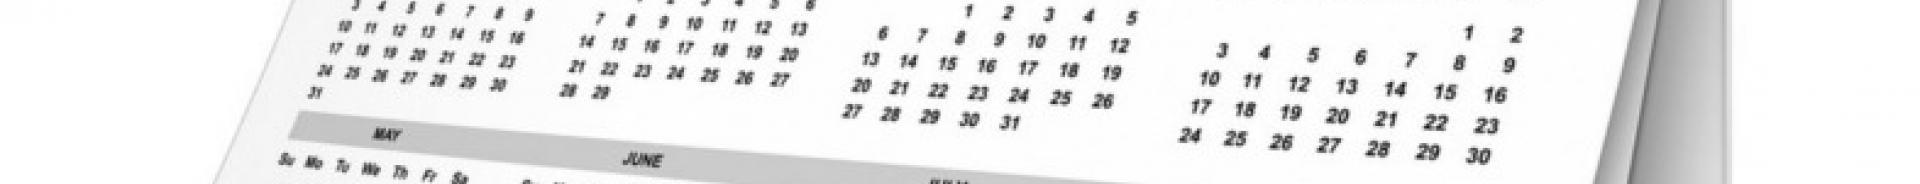 Calendario accademico | Università di Padova